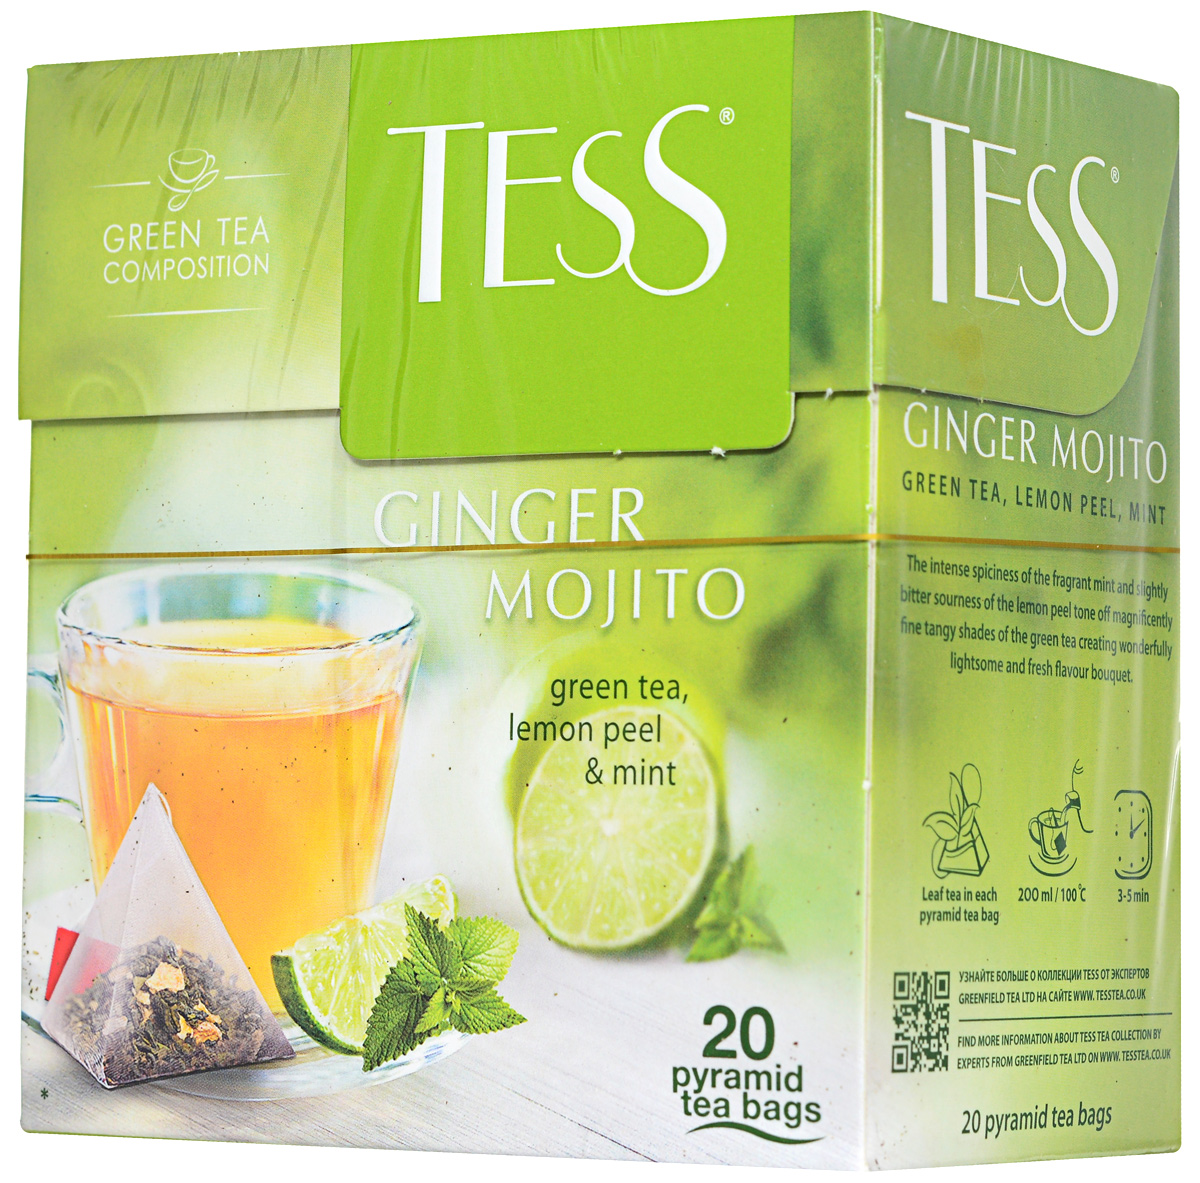 Tess Ginger Mojito зеленый чай в пирамидках с цедрой лимона и мятой, 20 шт0788-12Насыщенная пряность душистой мяты и горьковатая кислинка лимонной цедры в Tess Ginger Mojito великолепно оттеняют тонкие терпкие ноты зеленого чая, создавая удивительно легкий и свежий вкусовой букет.